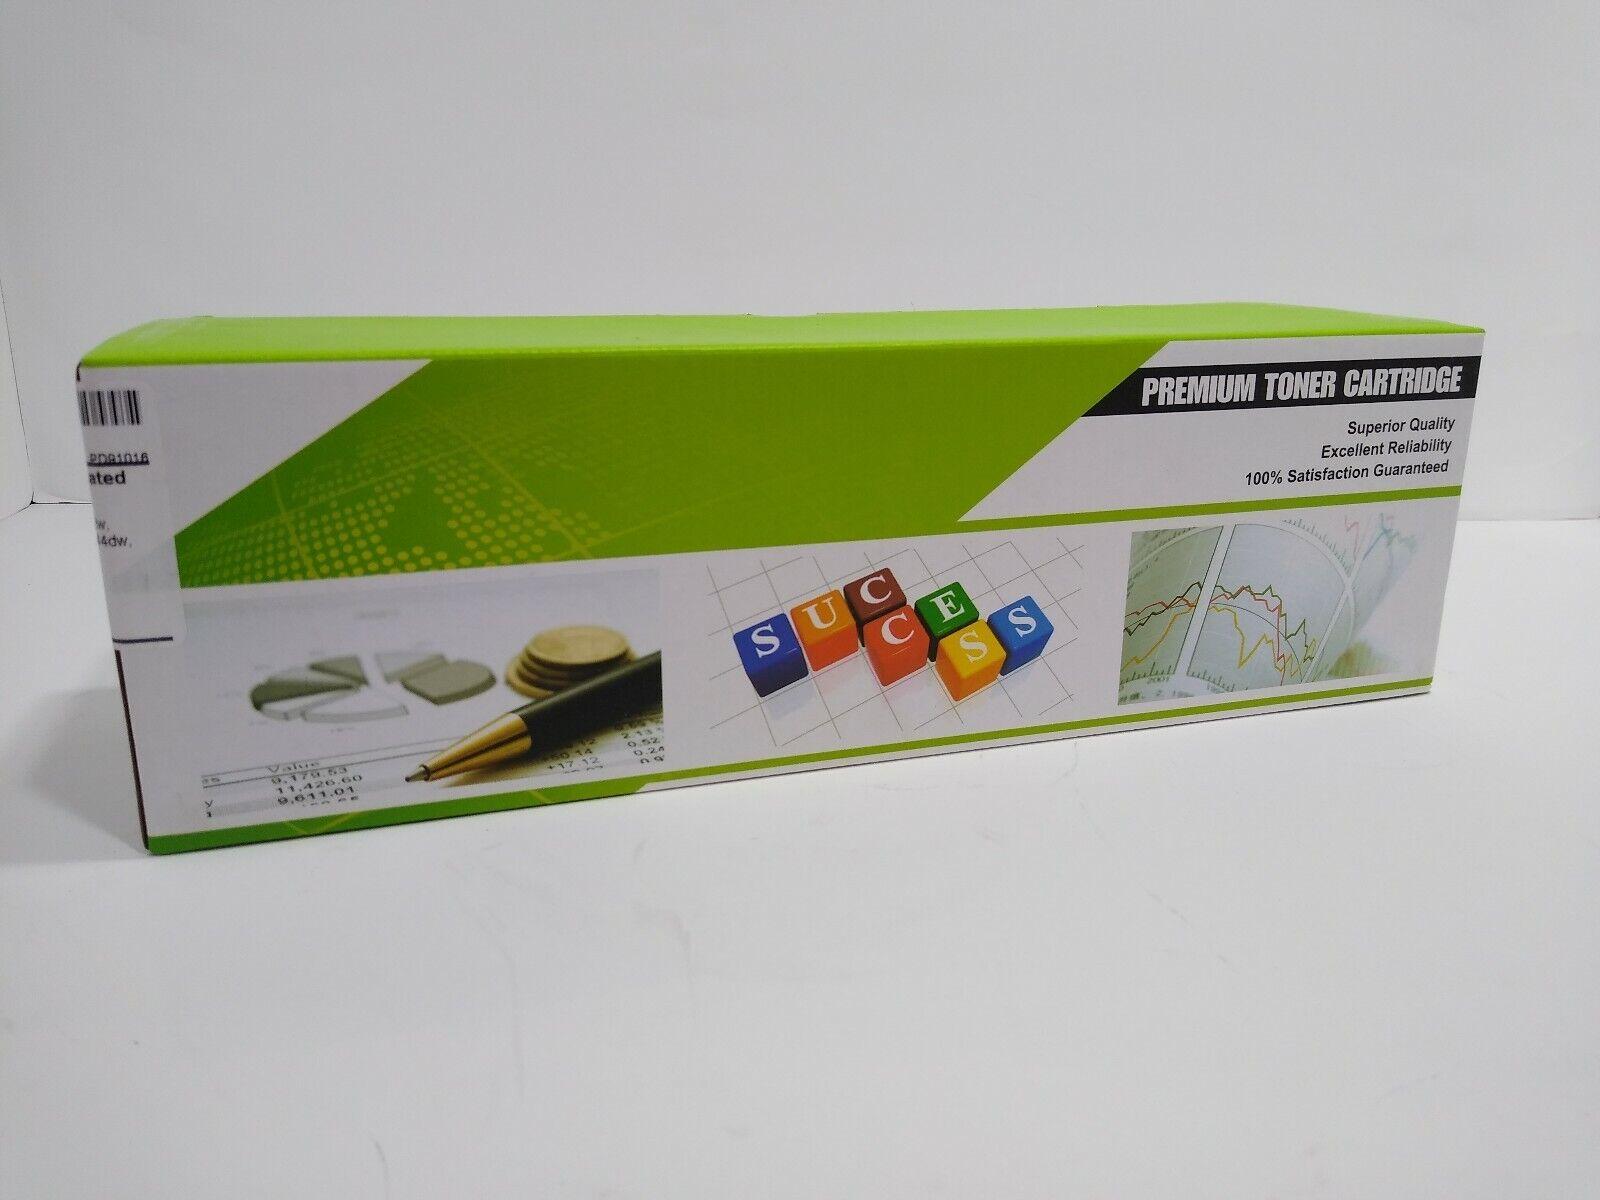 New Toner 9435B001 137 Black Laser Toner Cartridge for Canon